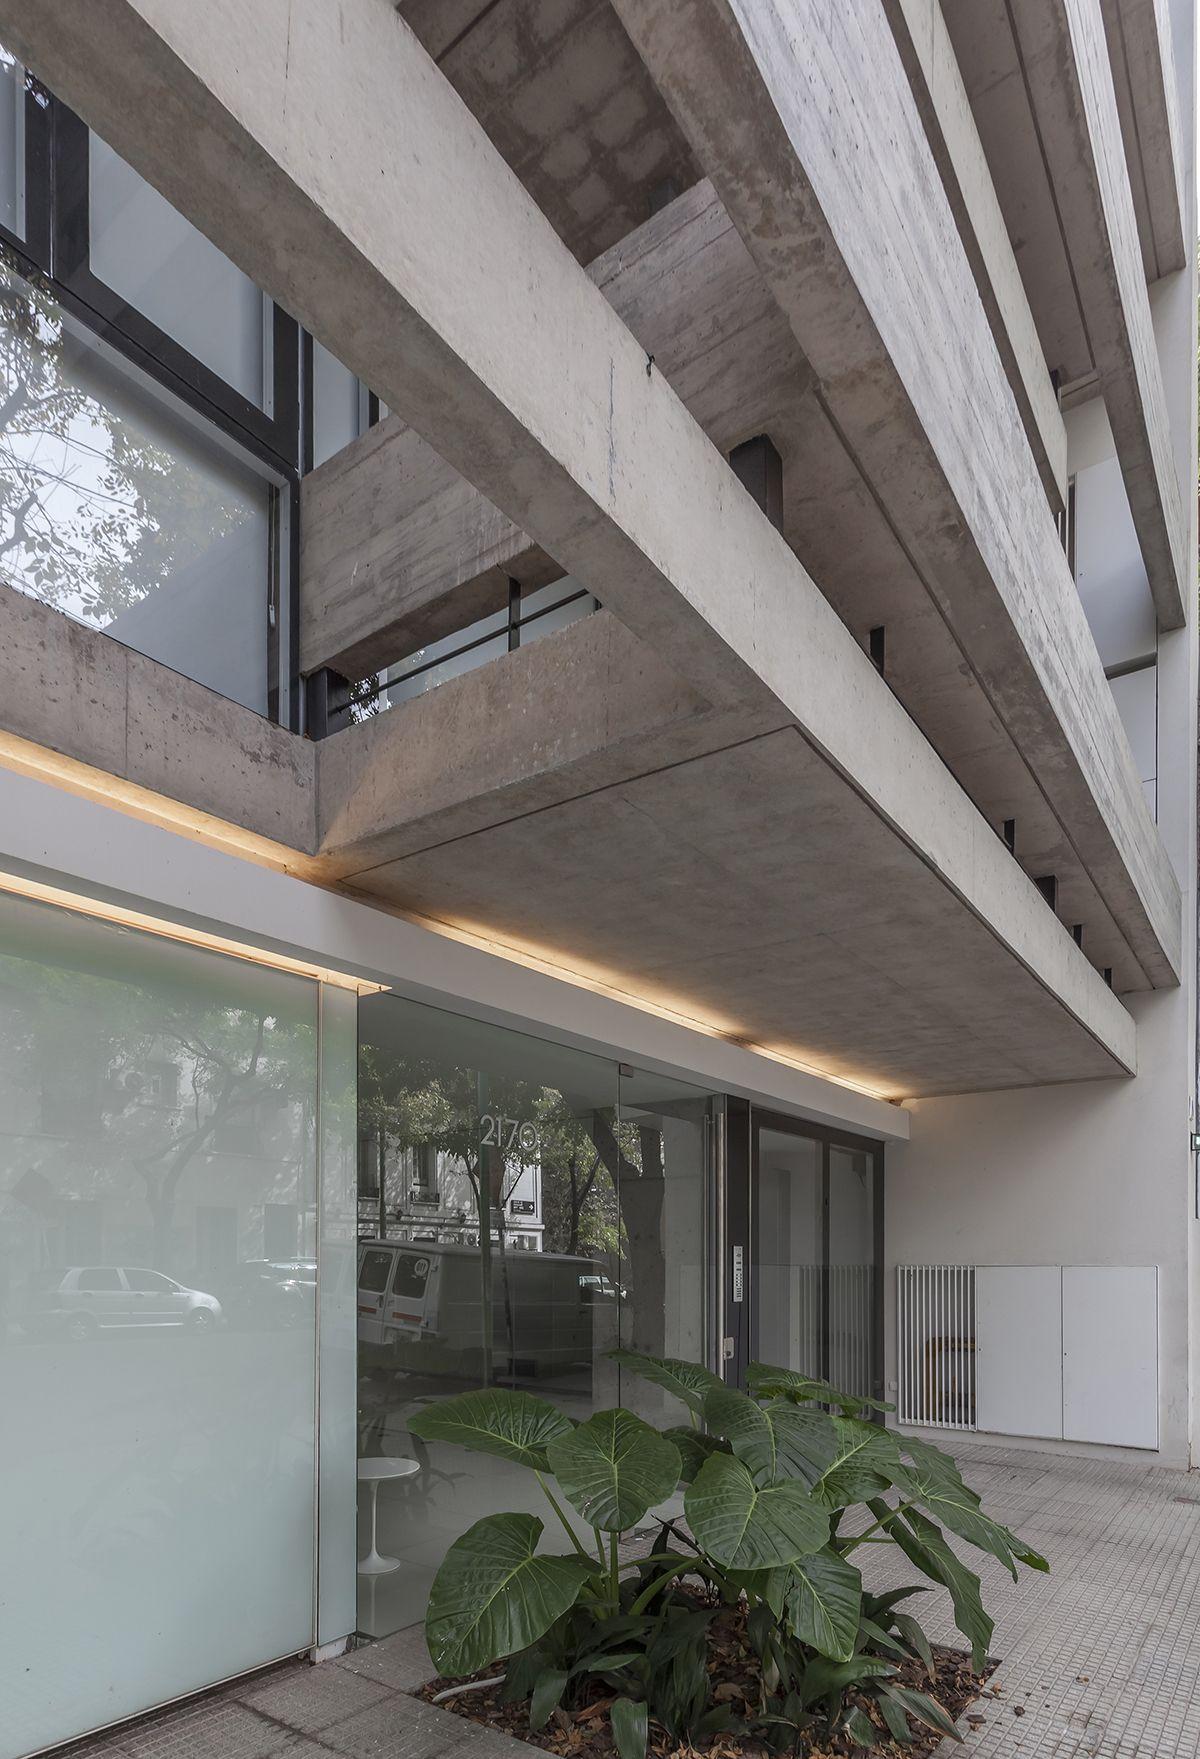 Ravignani 2170 edificios entre medianeras complejos de for Fachadas de casas modernas en la ciudad